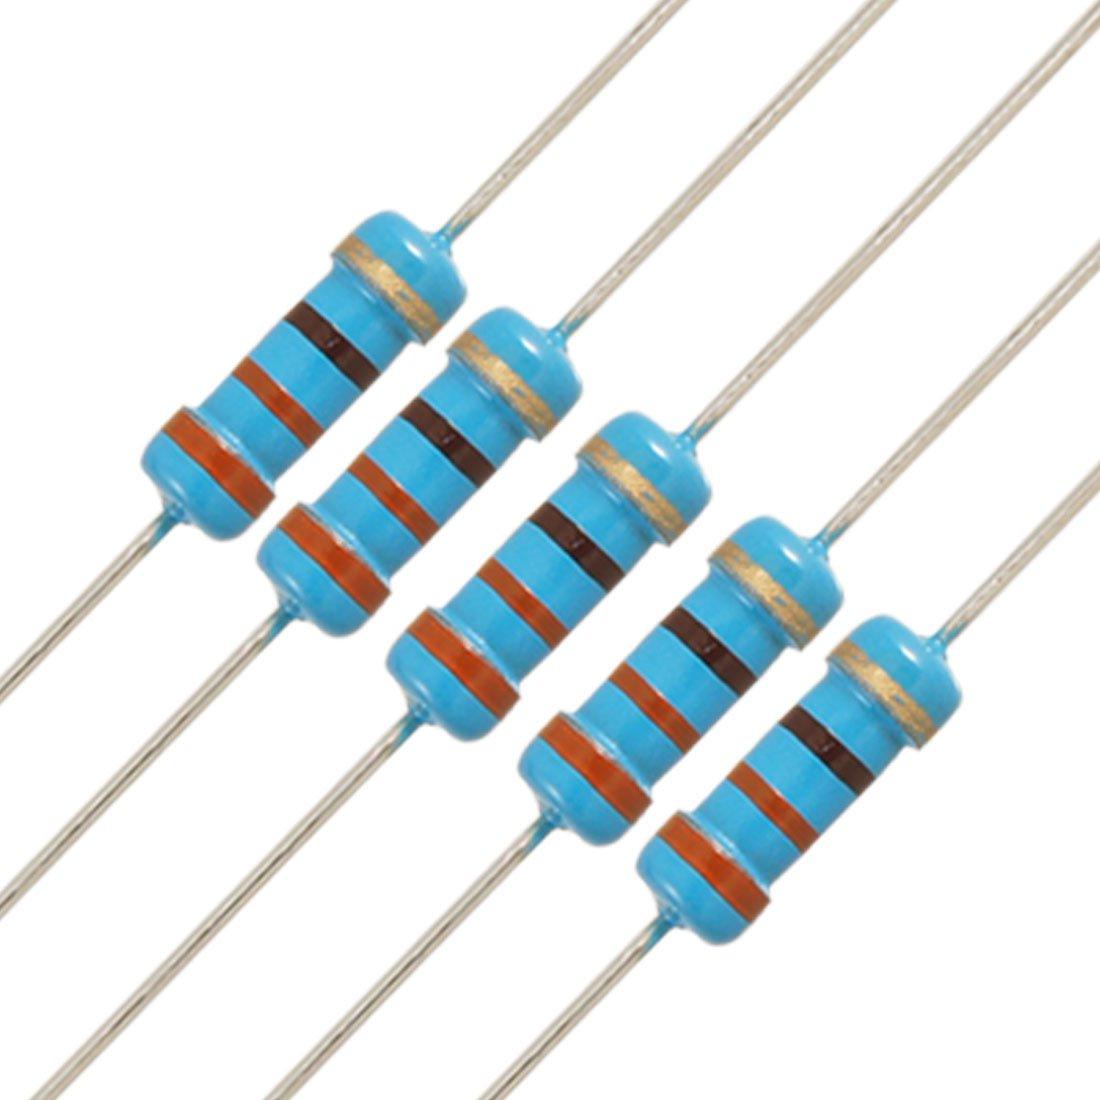 uxcell 20pcs 1 2W Watt 330 Resistor Film Brand new Ohm 330R Max 86% OFF Carbon 0.5W